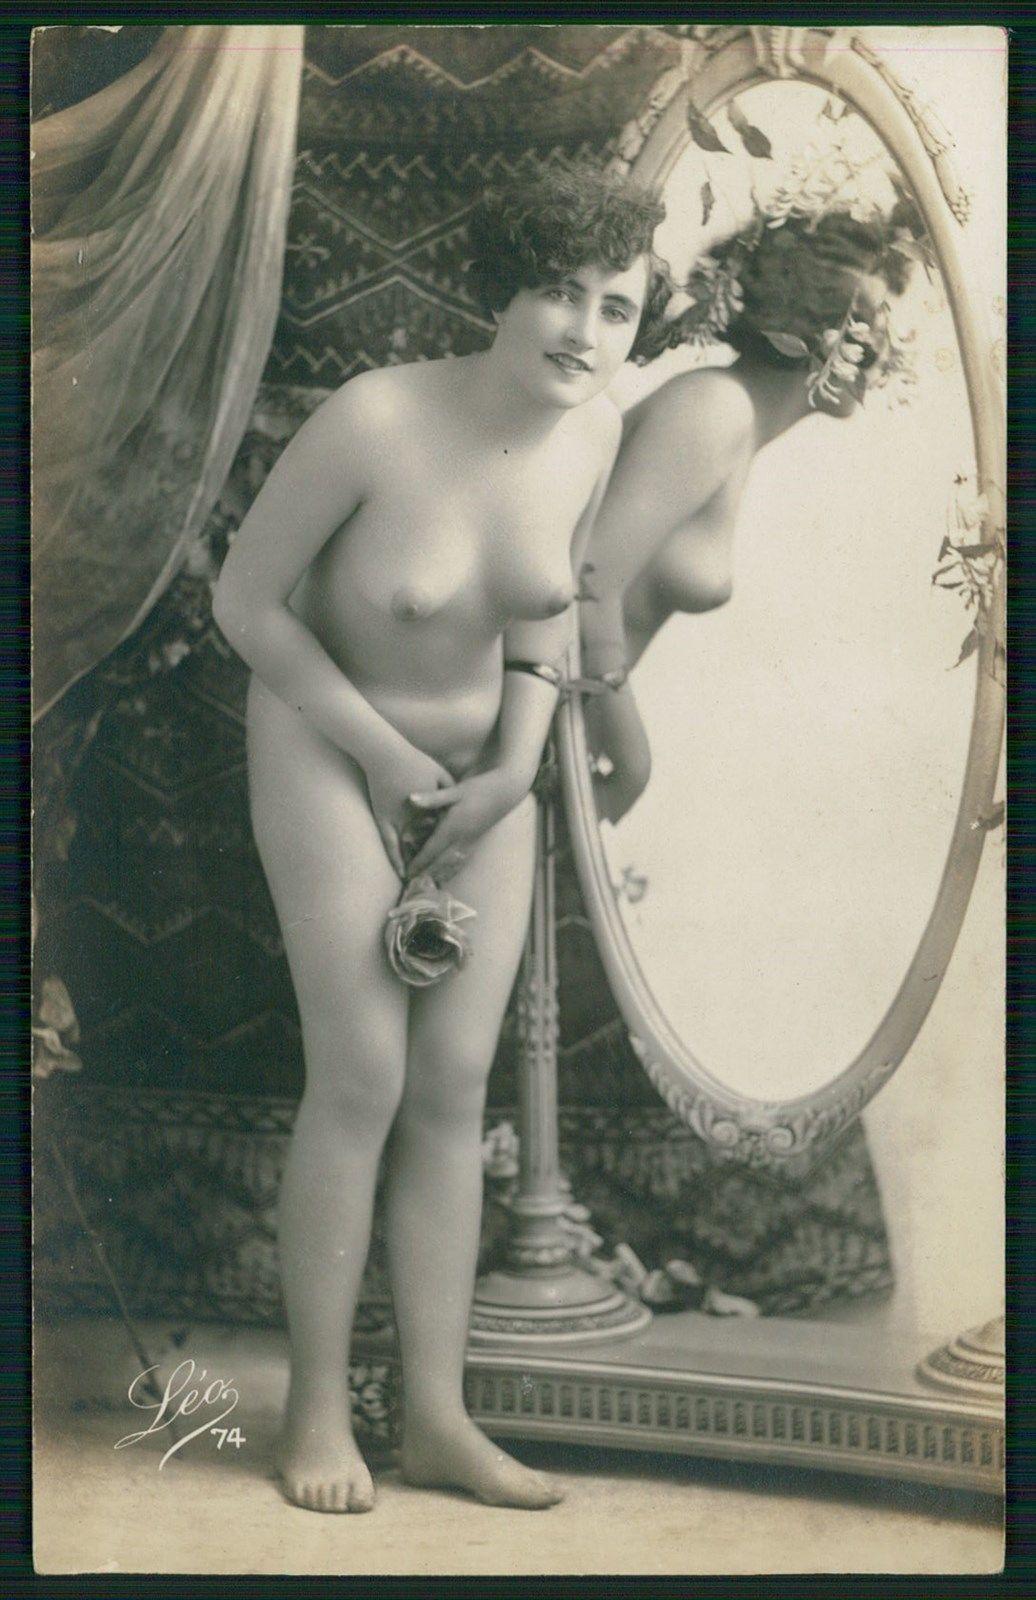 Antique nude postcards